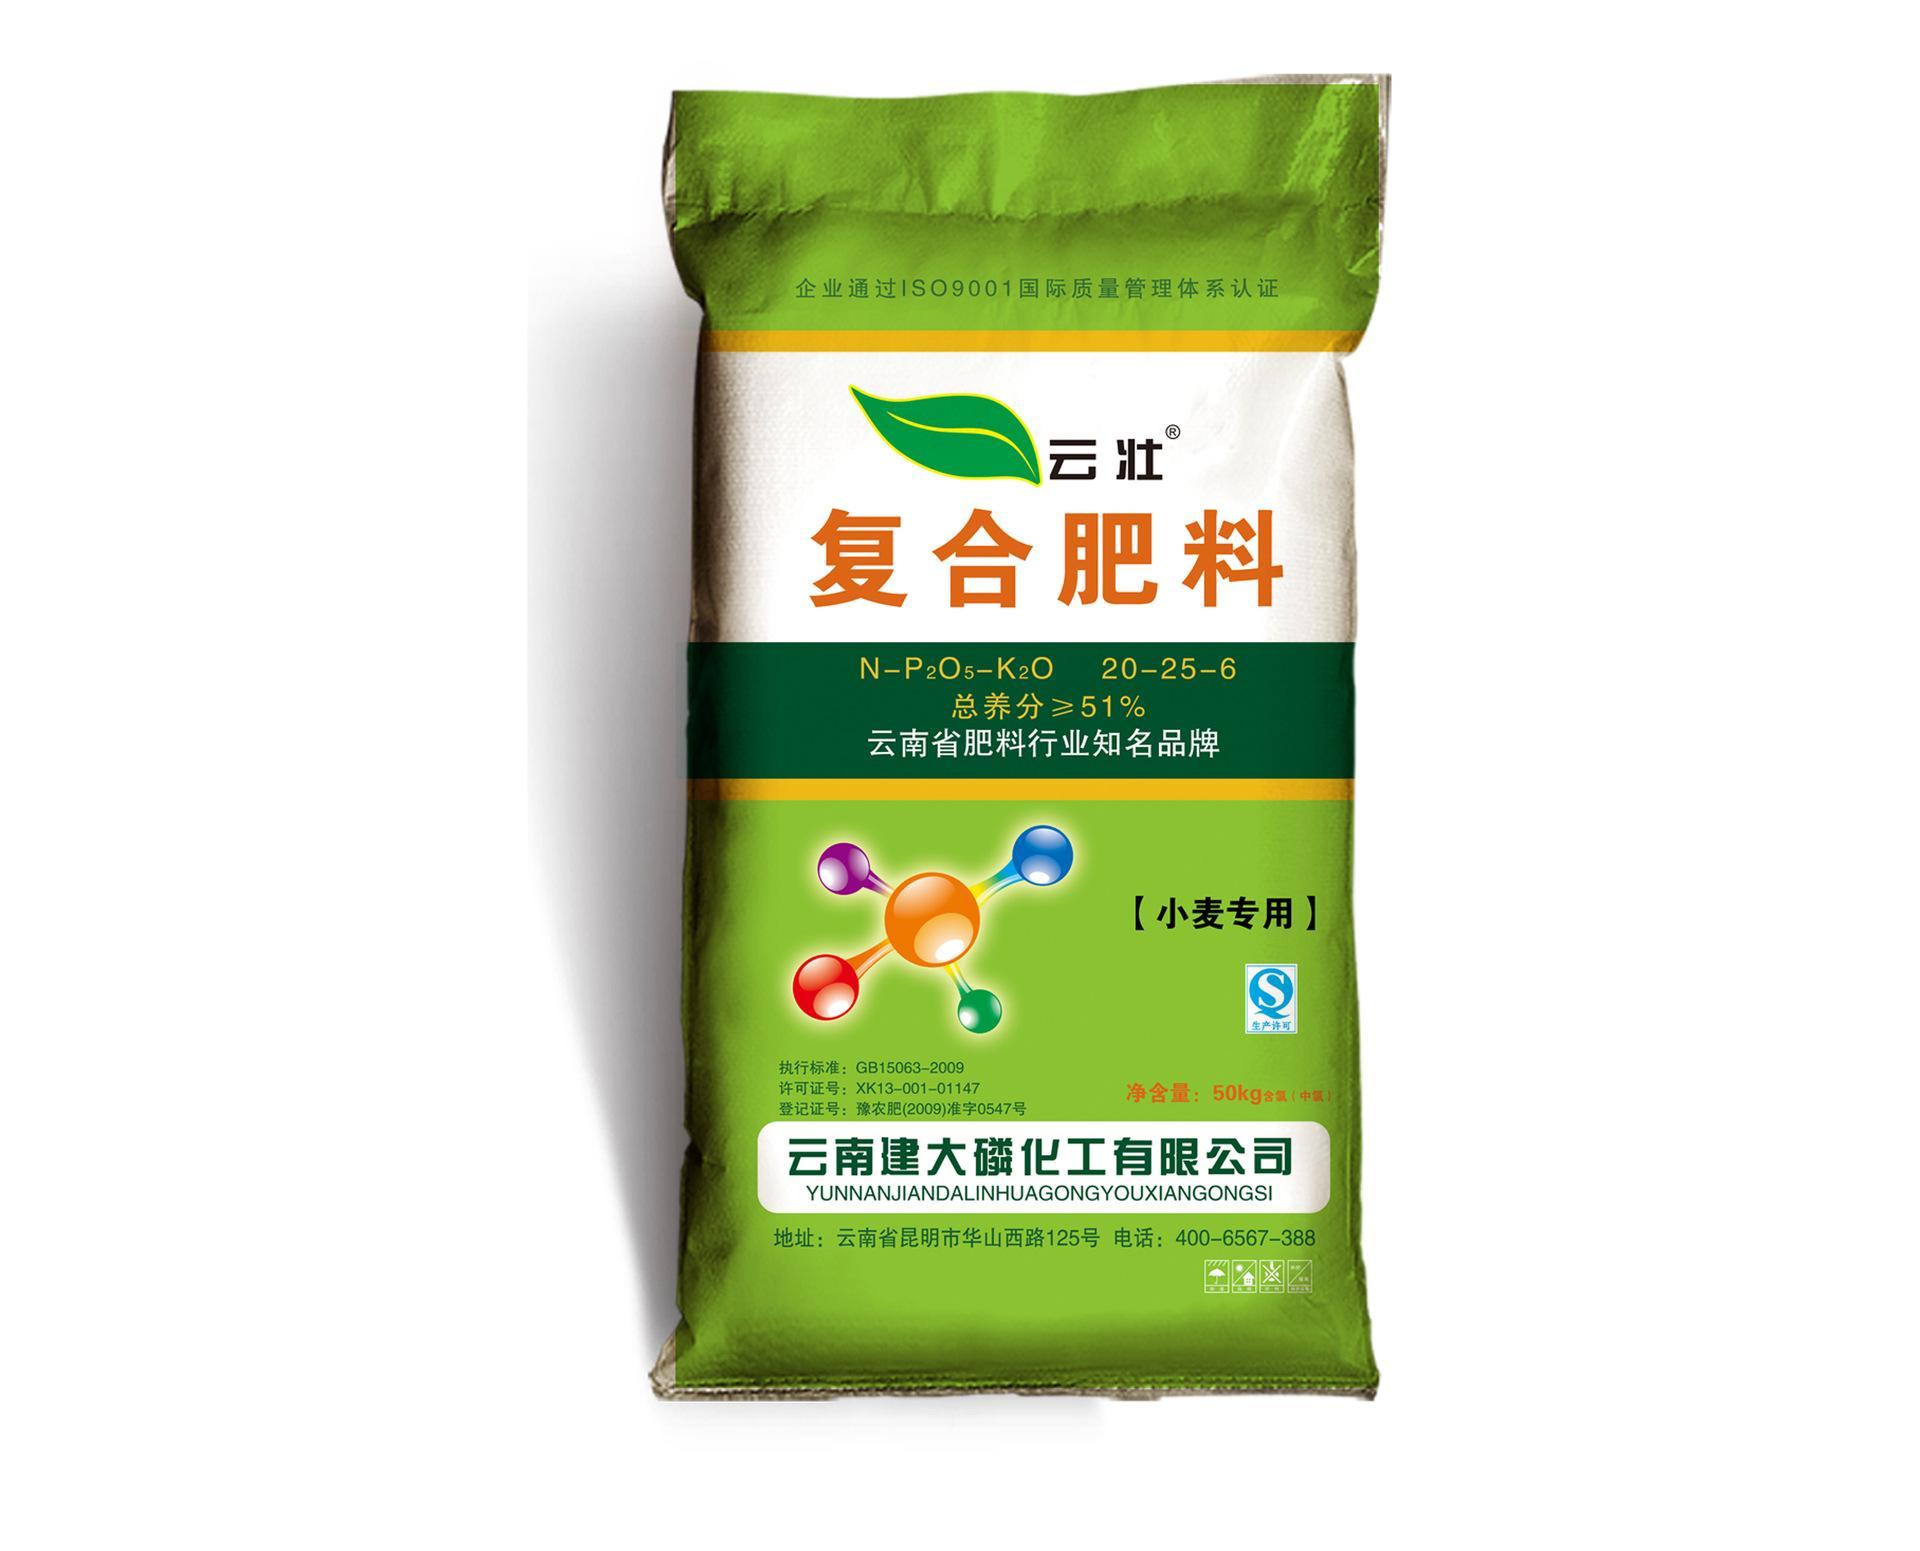 四川肥料袋厂家教你认清肥料包装袋上的字母标识,对你大有益处